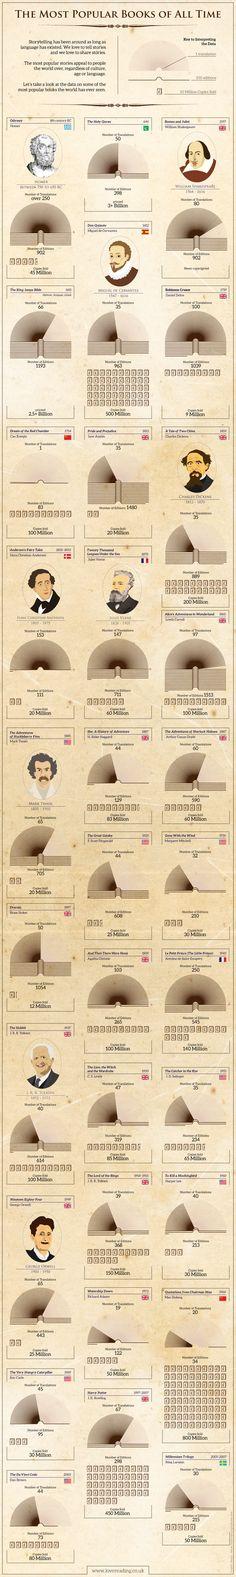 Los libros mas populares de todos los tiempos. He leído la mayoría... #infographic